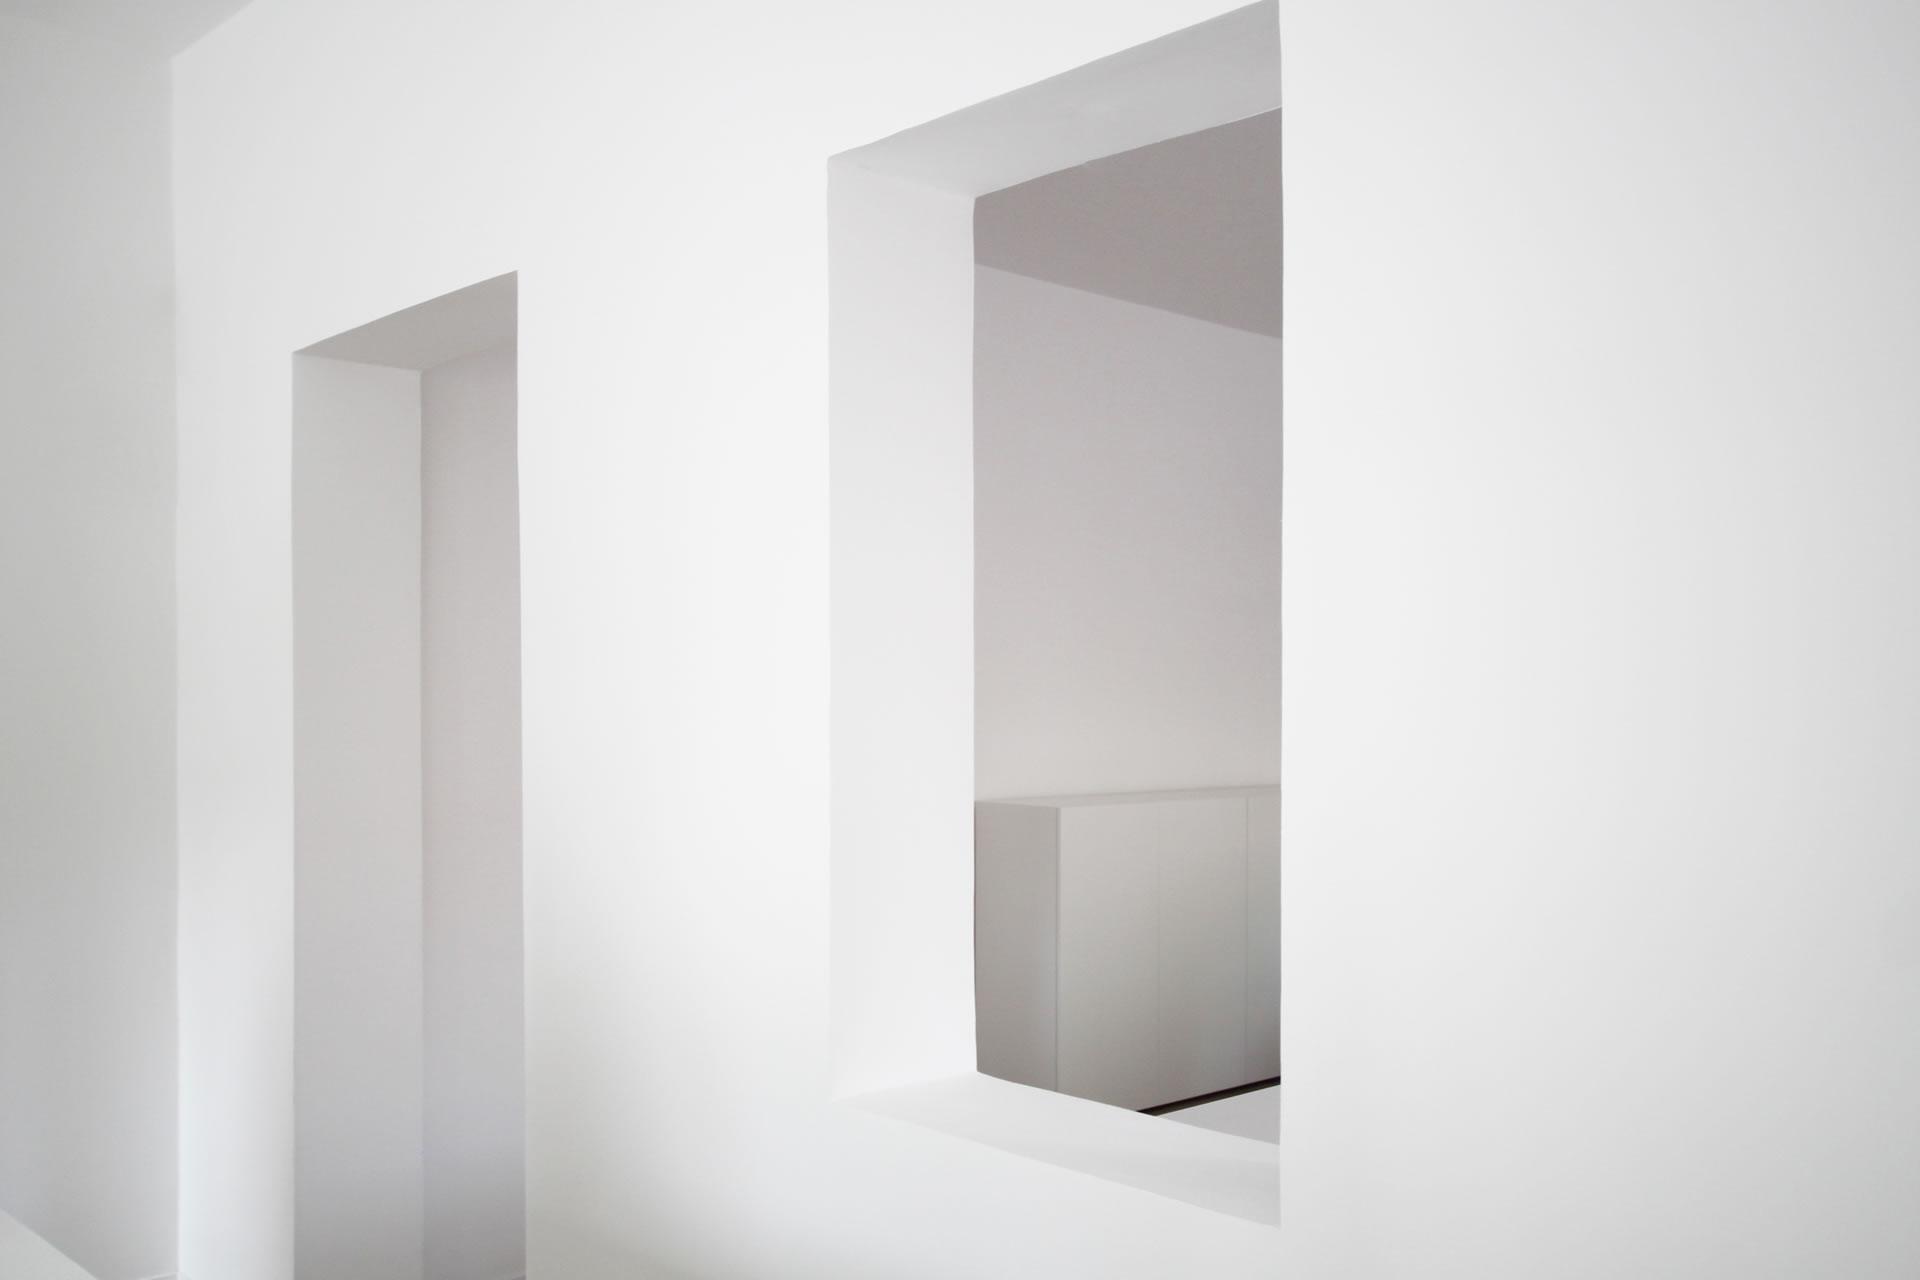 Ladenbau – Puristischer Ladenbau RECHTECK Design-Möbel